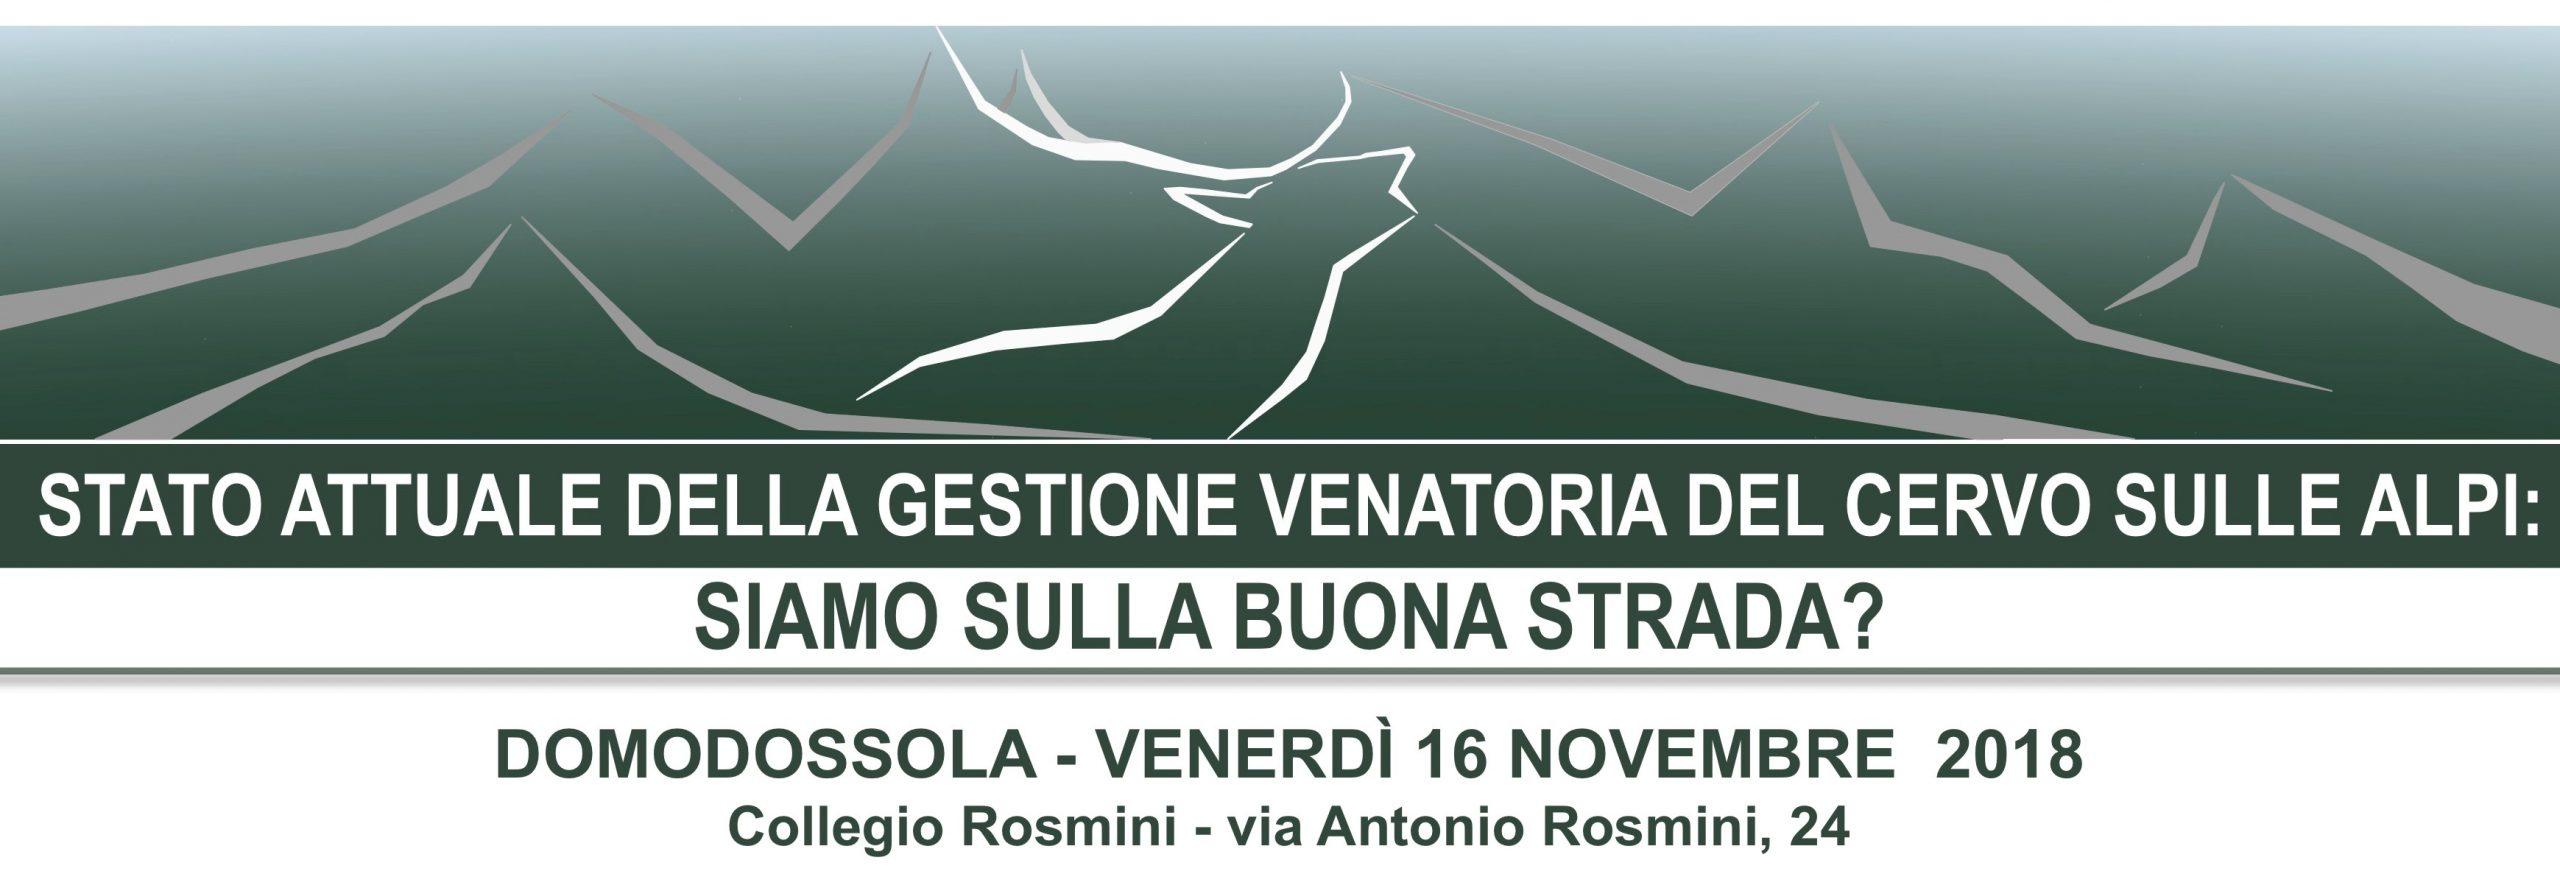 Stato attuale della gestione venatoria del cervo sulle Alpi: siamo sulla buona strada? – Domodossola, 16 novembre 2018